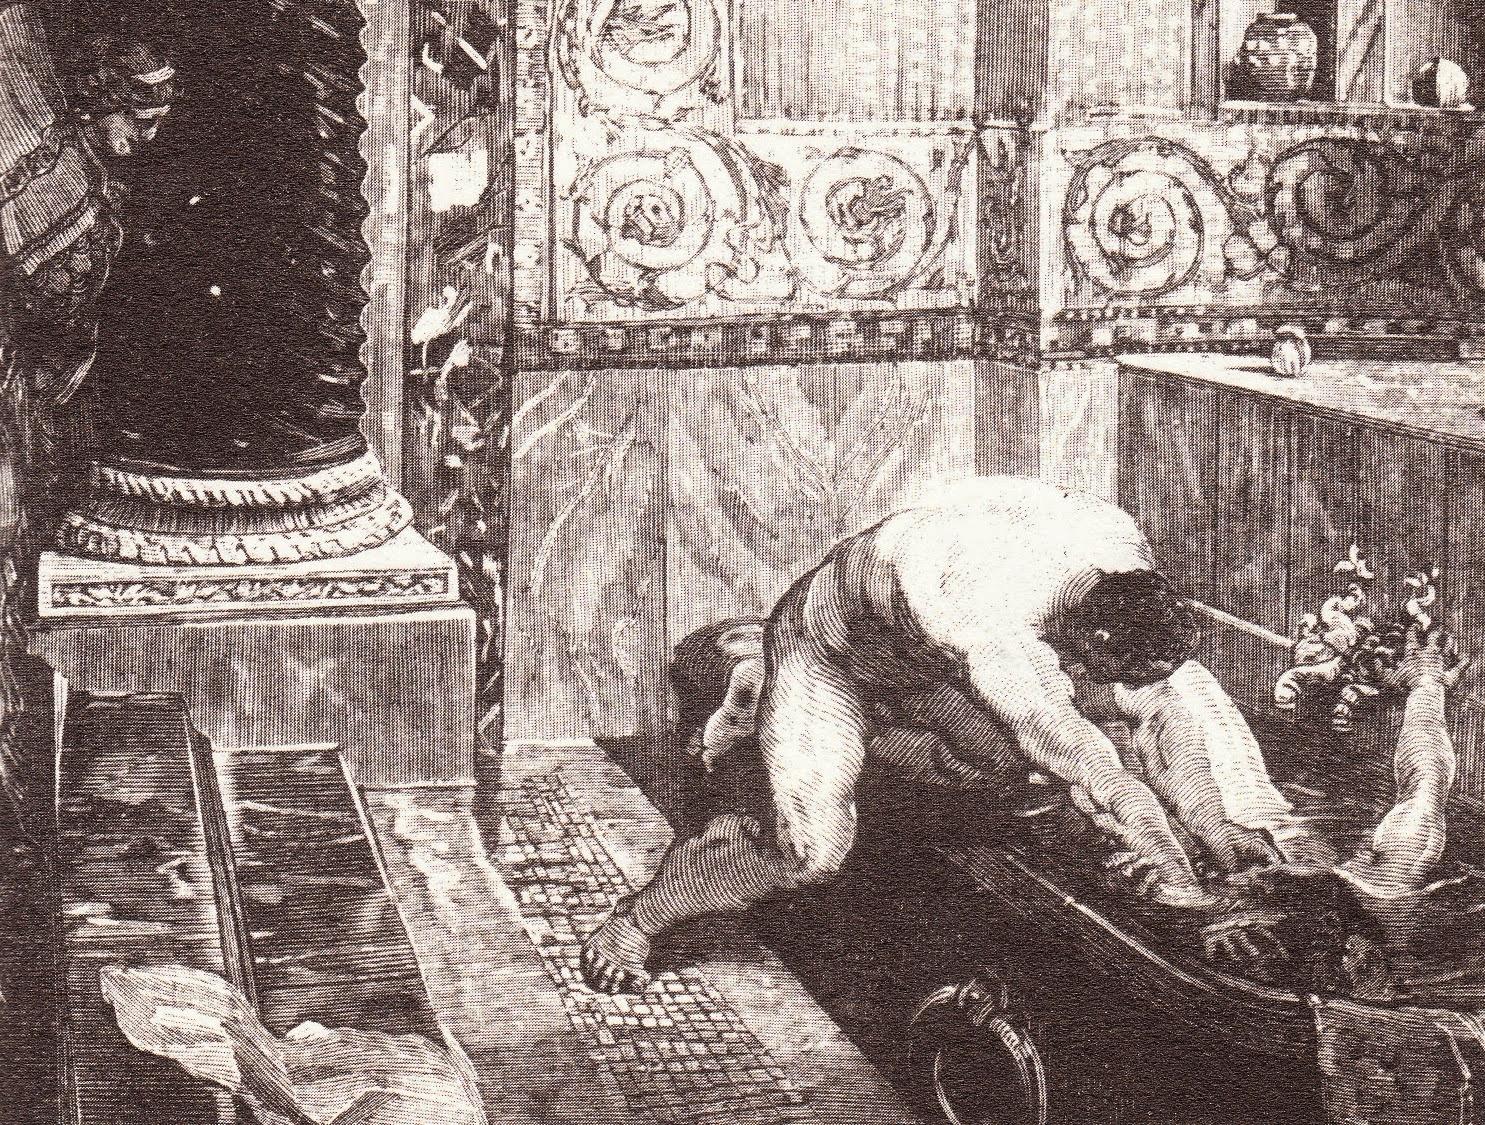 Asesinato de Cómodo. El emperador tras ser envenenado por su amante Marcia, es ahogado en una bañera por el liberto Narciso